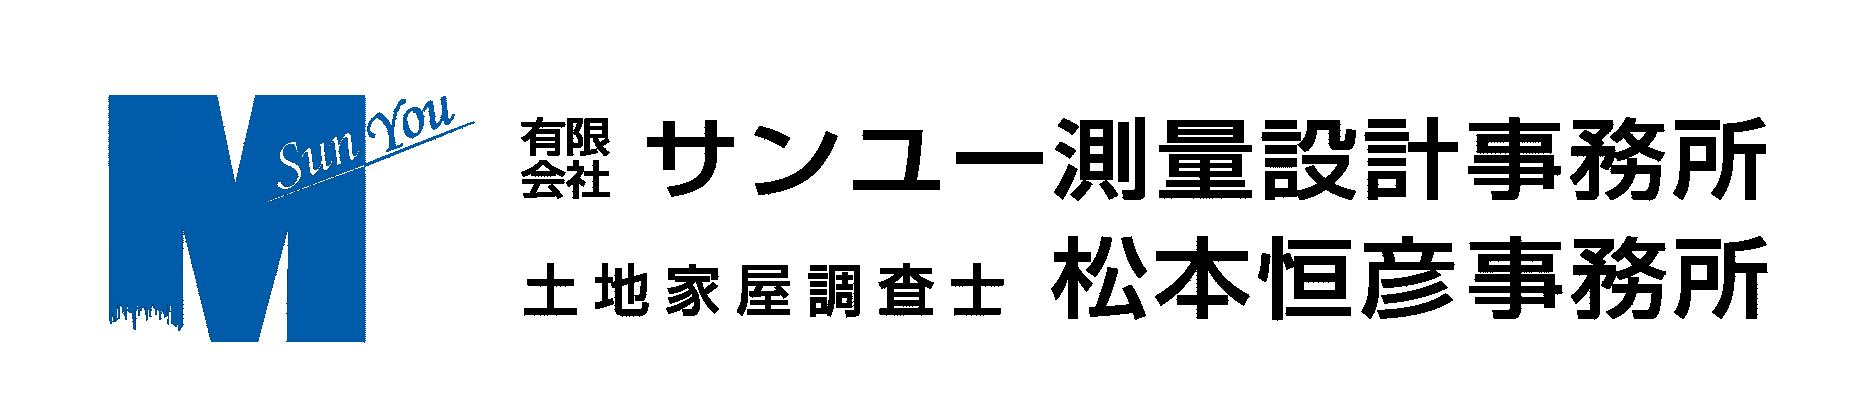 サンユー 長ロゴ